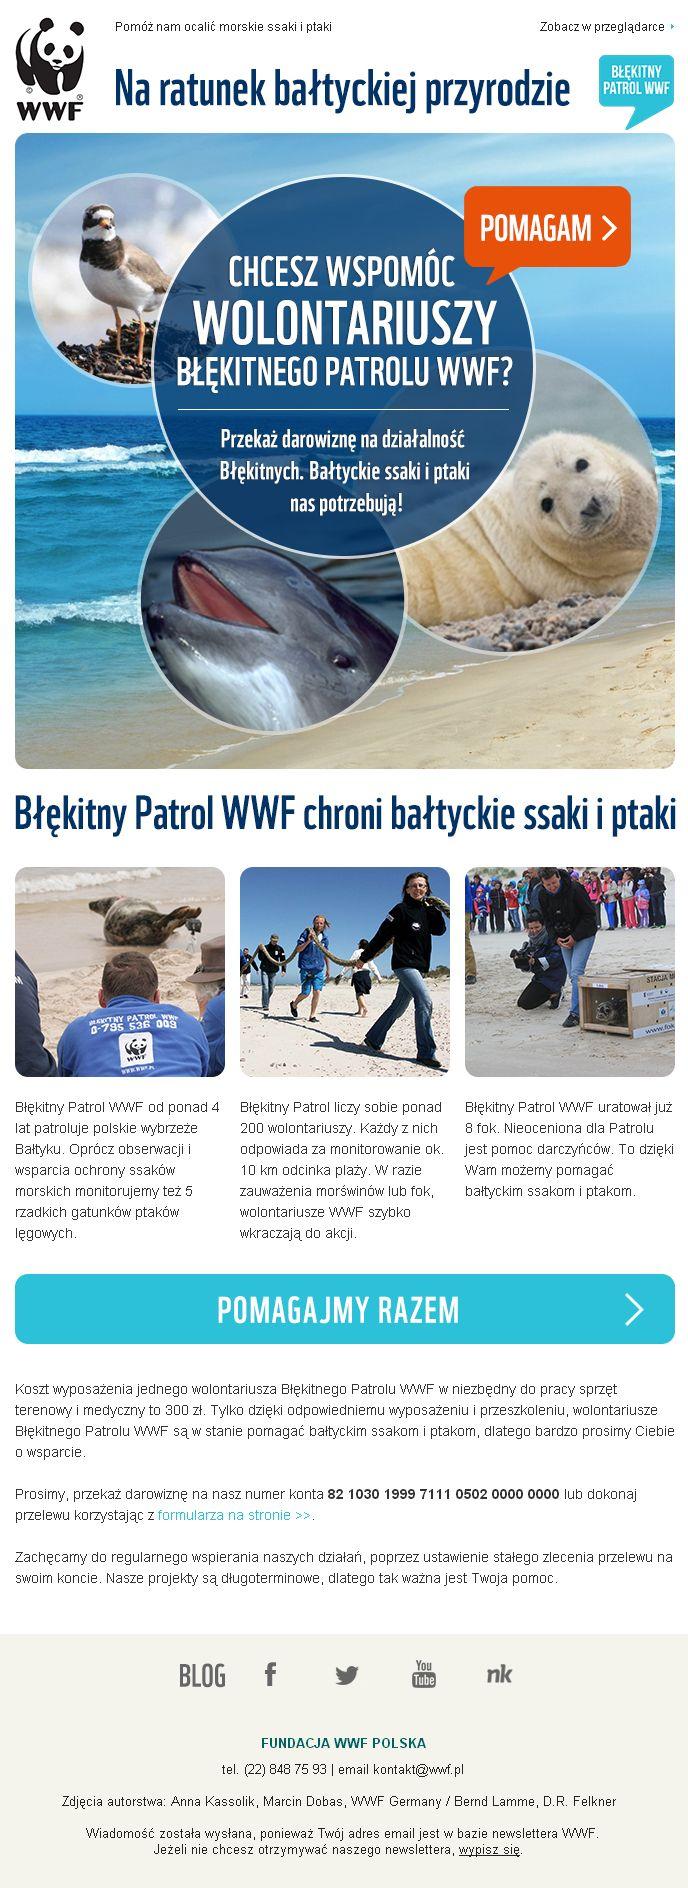 Kampania promująca Błękitny Patrol ratujący nadbałtycką przyrodę / https://panel.sendingo.pl/kampania/79y / #wwf #animals #email #emailmarketing #newsletter